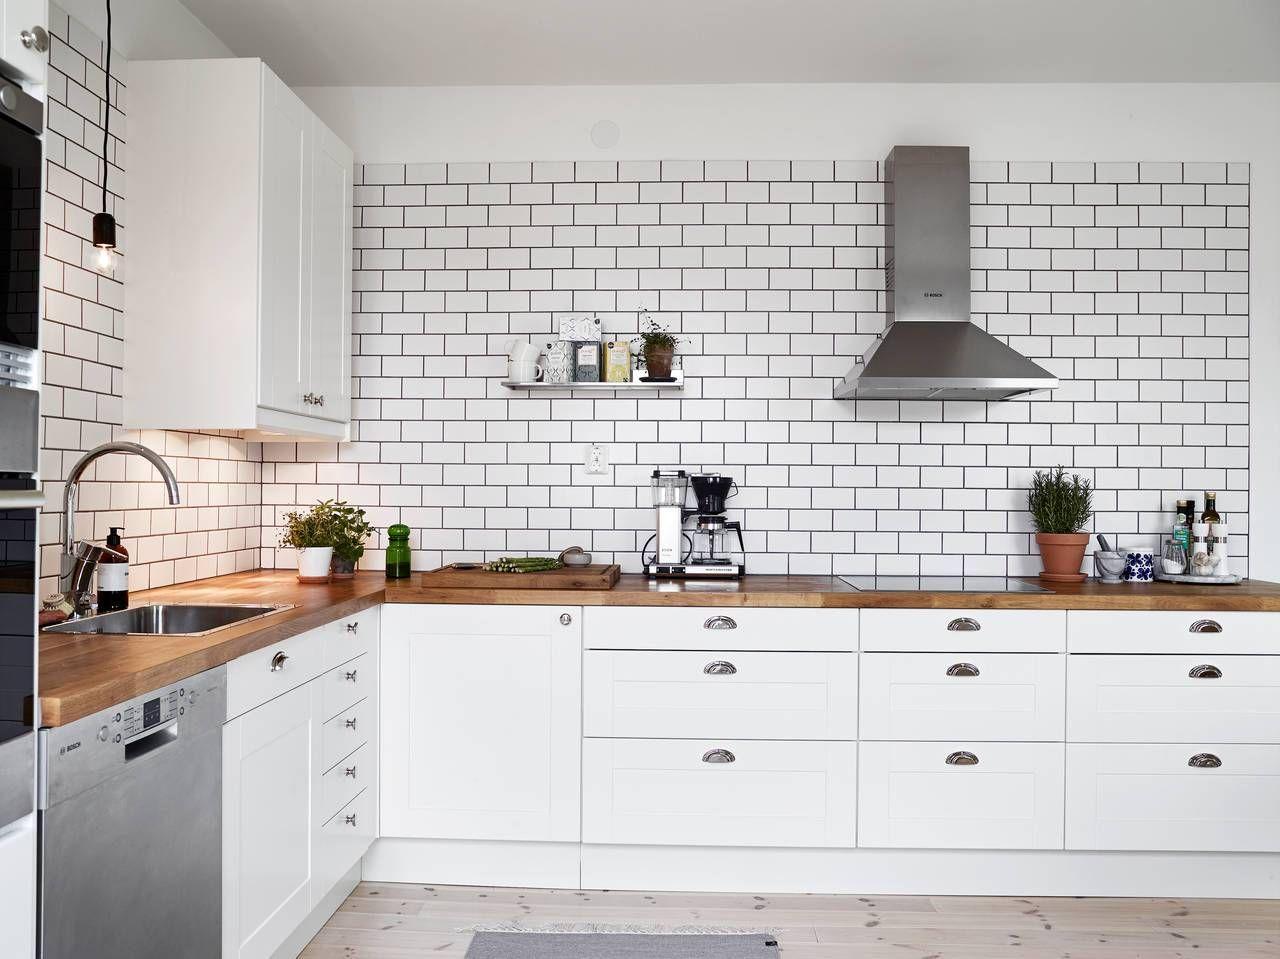 #Küche Innenräume 11 Küche Backsplash Ideen, Die Sie Beachten Sollten #home  #decoration #decor #garten #house #neu #dekoration #art #dekor #Ideen  #besten#11 ...